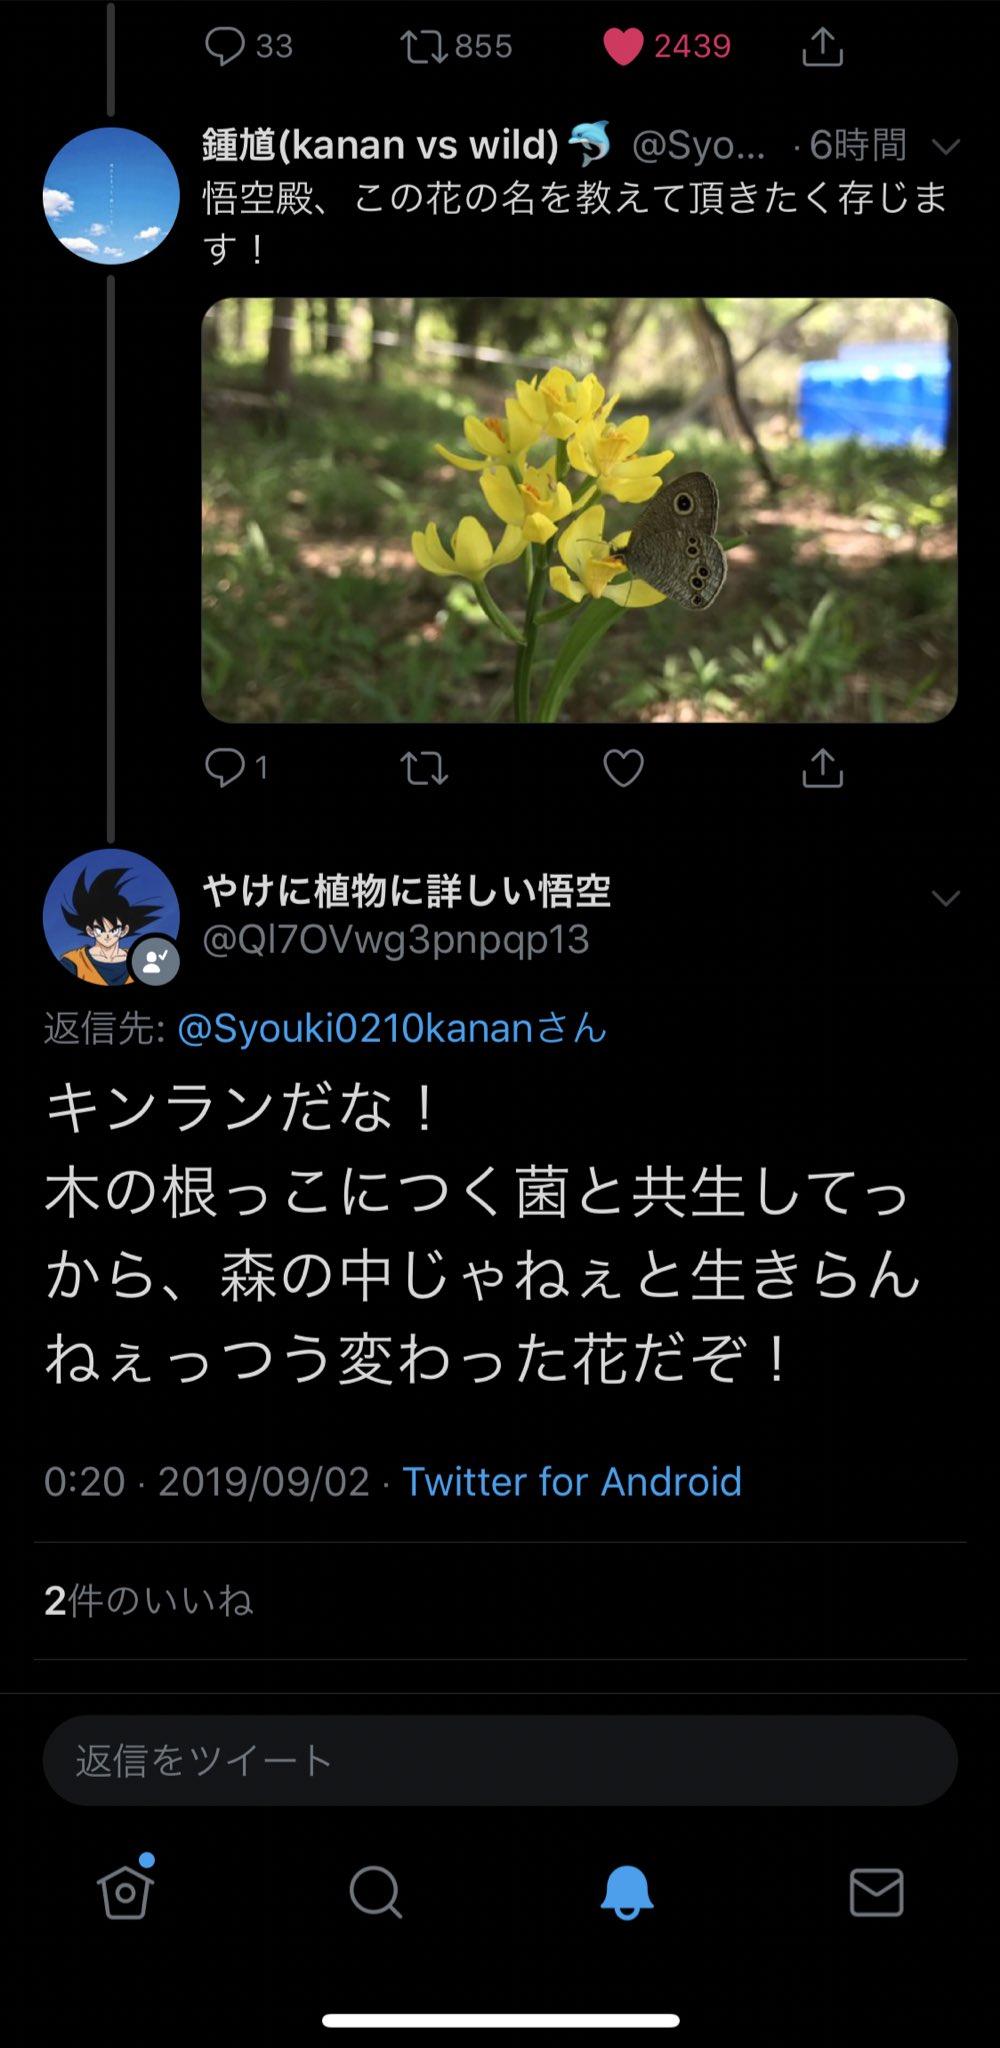 やけに植物に詳しい悟空、本当にやけに植物に詳しいしただ植物の名前を教えてくれるだけじゃなくて雑学も教えてくれるし自然を慈しんでるし、わからねえときマジで申し訳なさそうに一言目に謝りながら自分の知識不足を不甲斐ないと悔いててすき